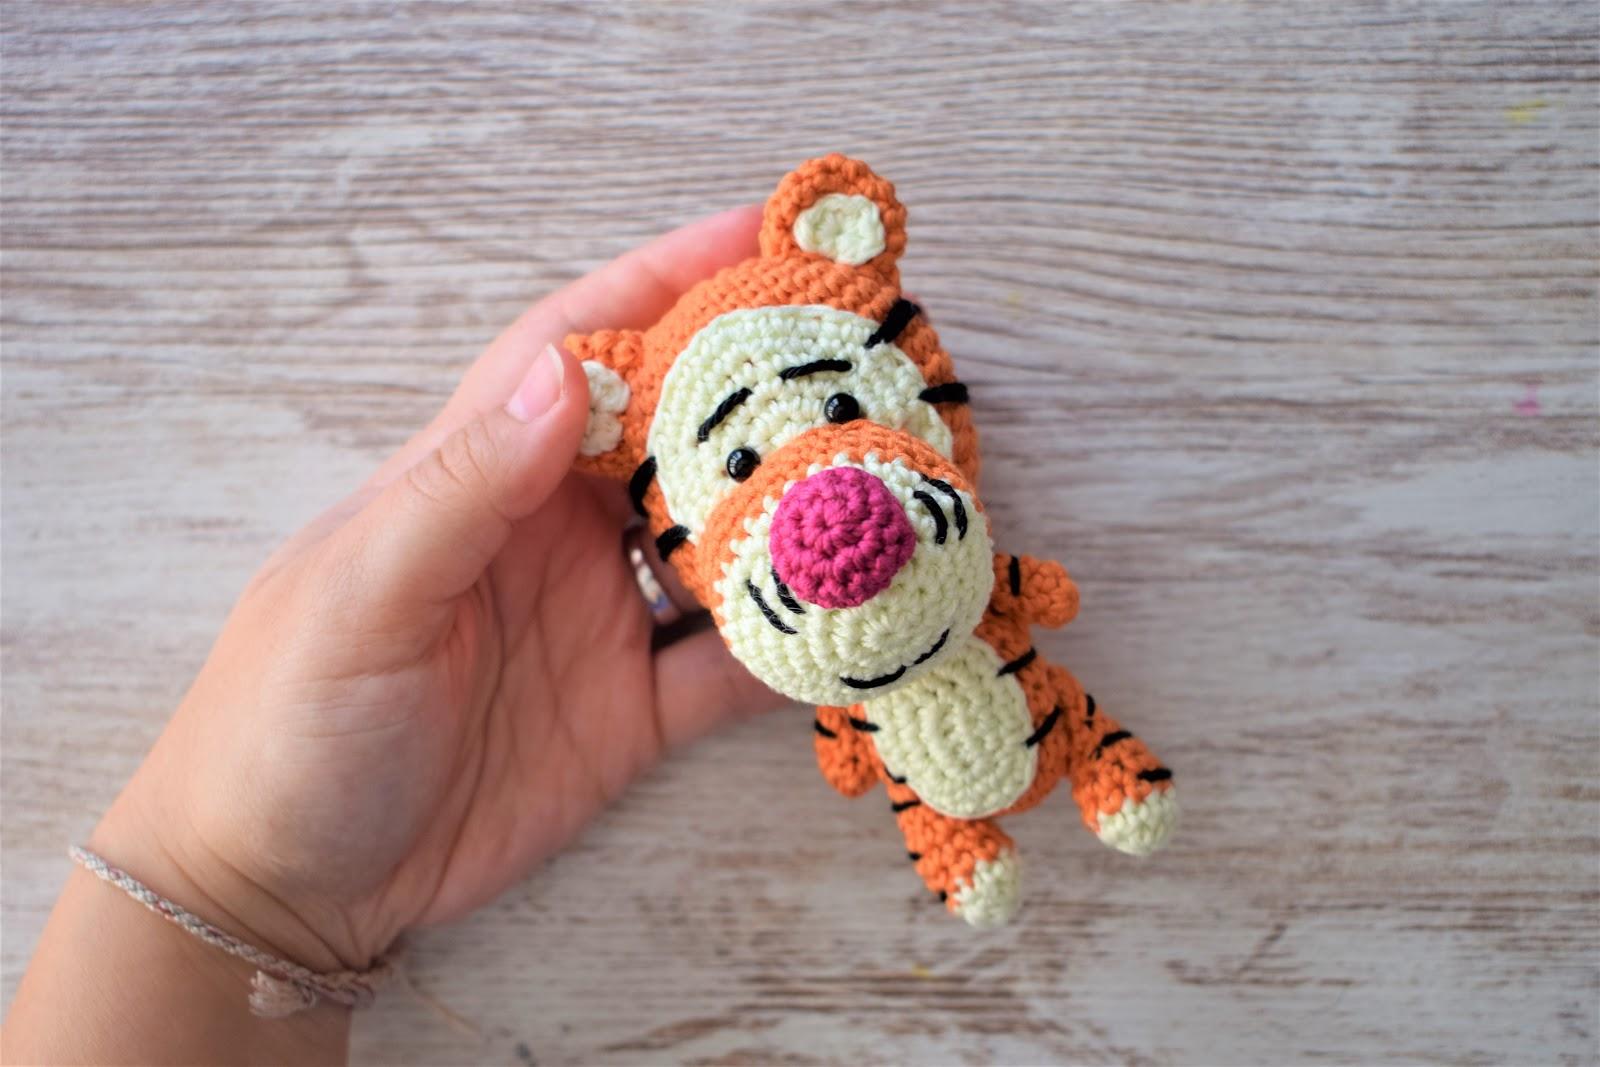 Crochet Amigurumi Winnie The Pooh Free Patterns | 1067x1600